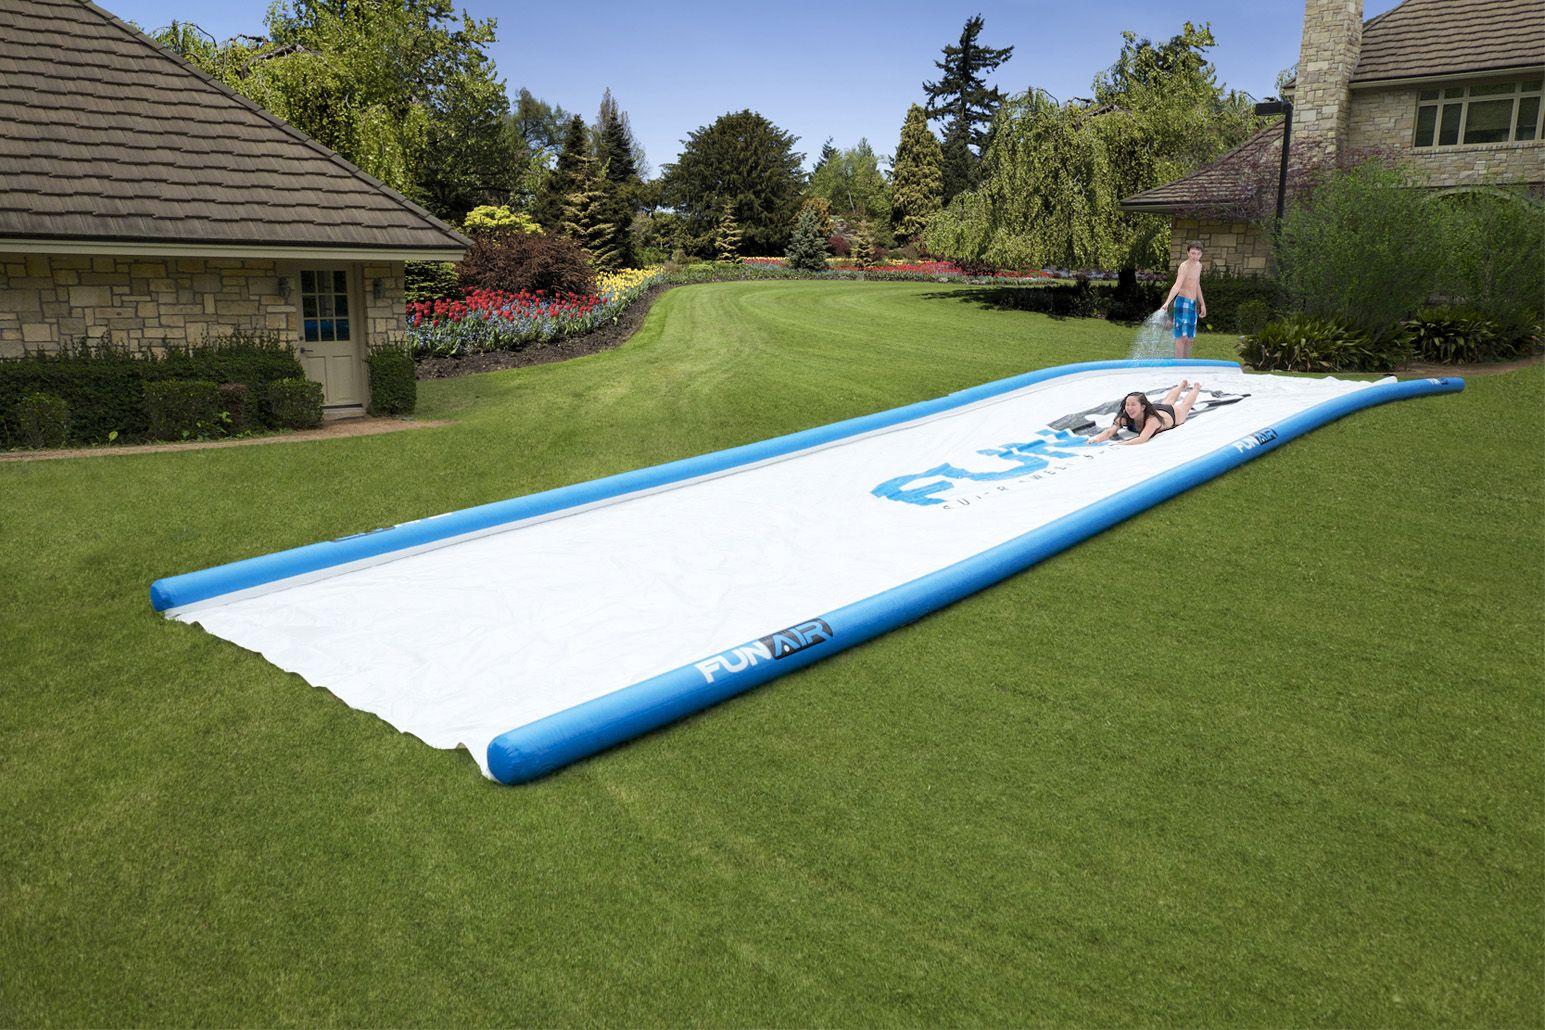 50' long water slide! Super Sweet Slide from FunAir ...